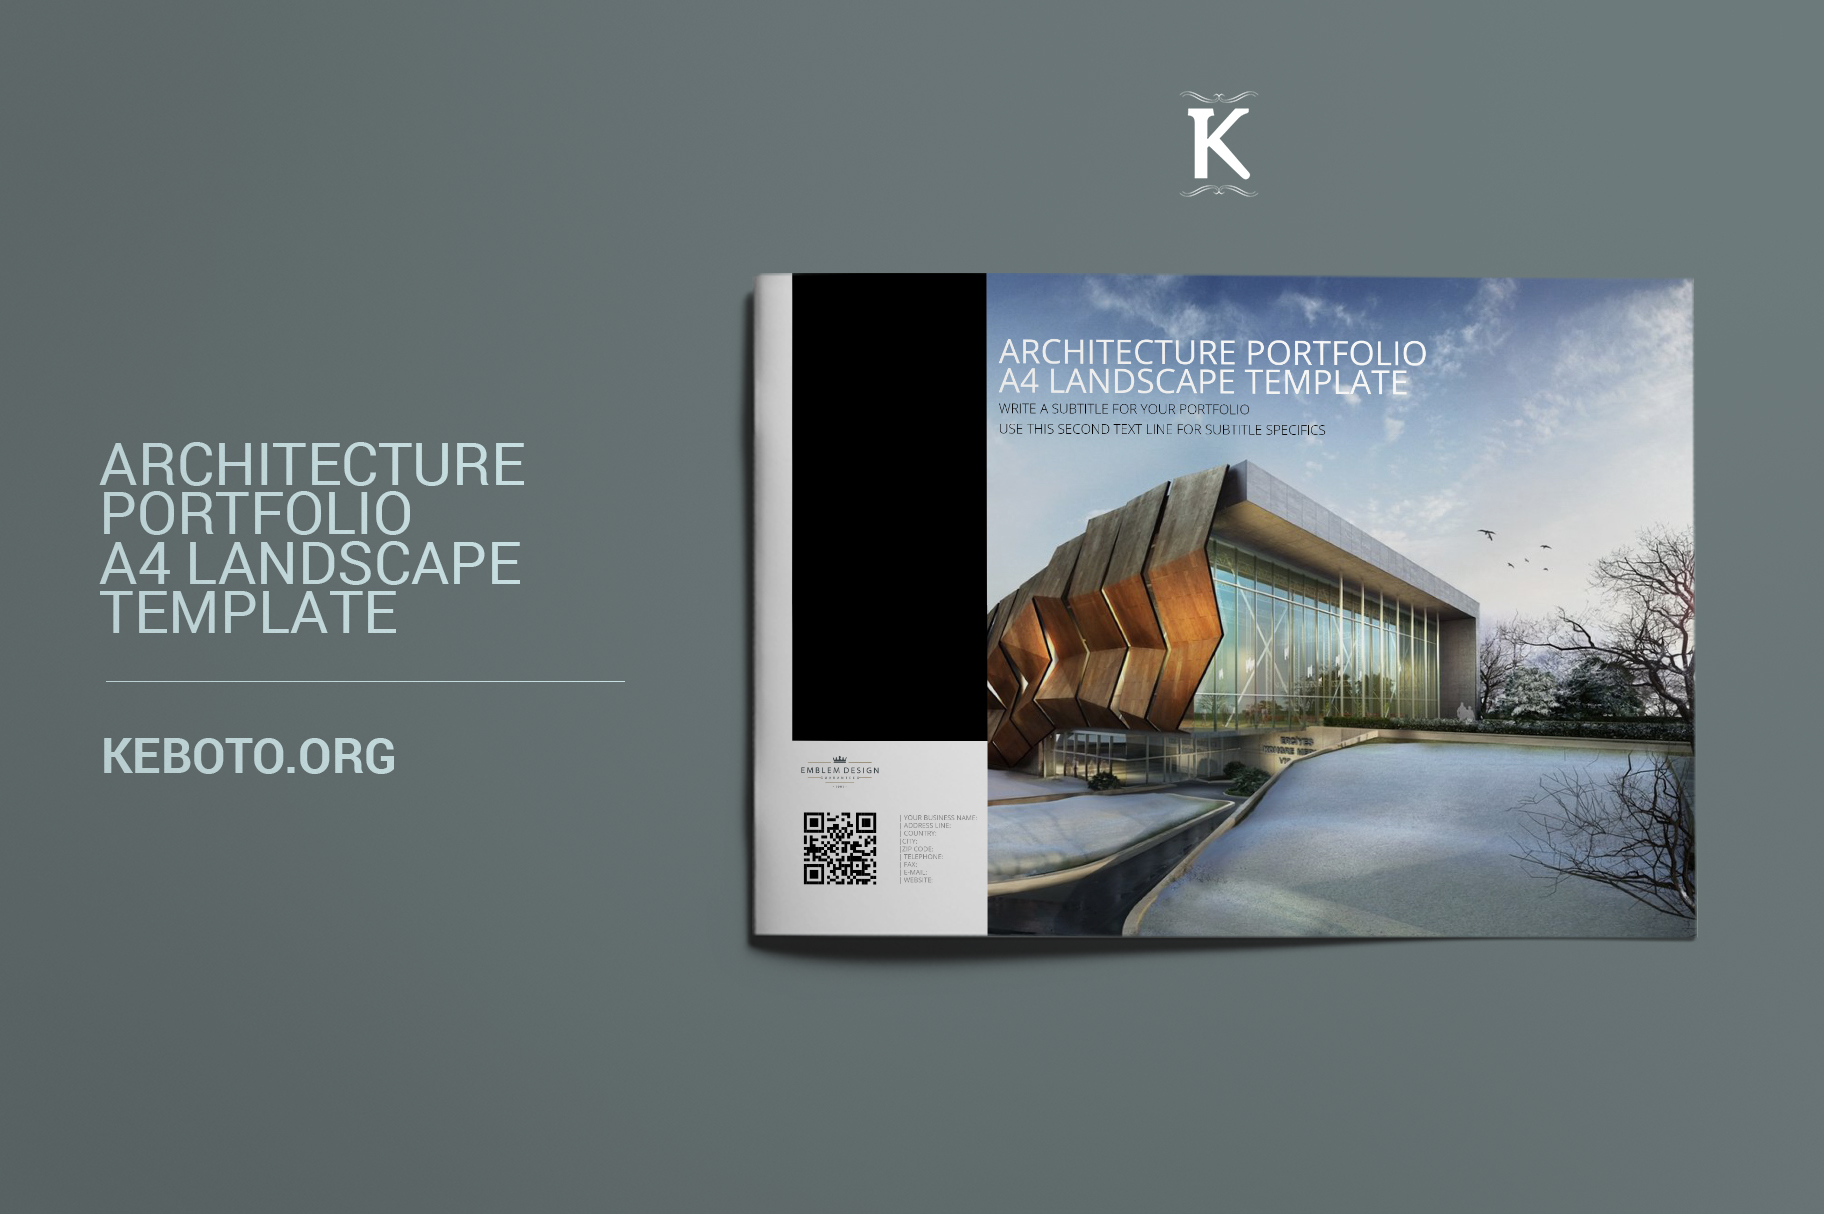 architecture portfolio a4 landscape template